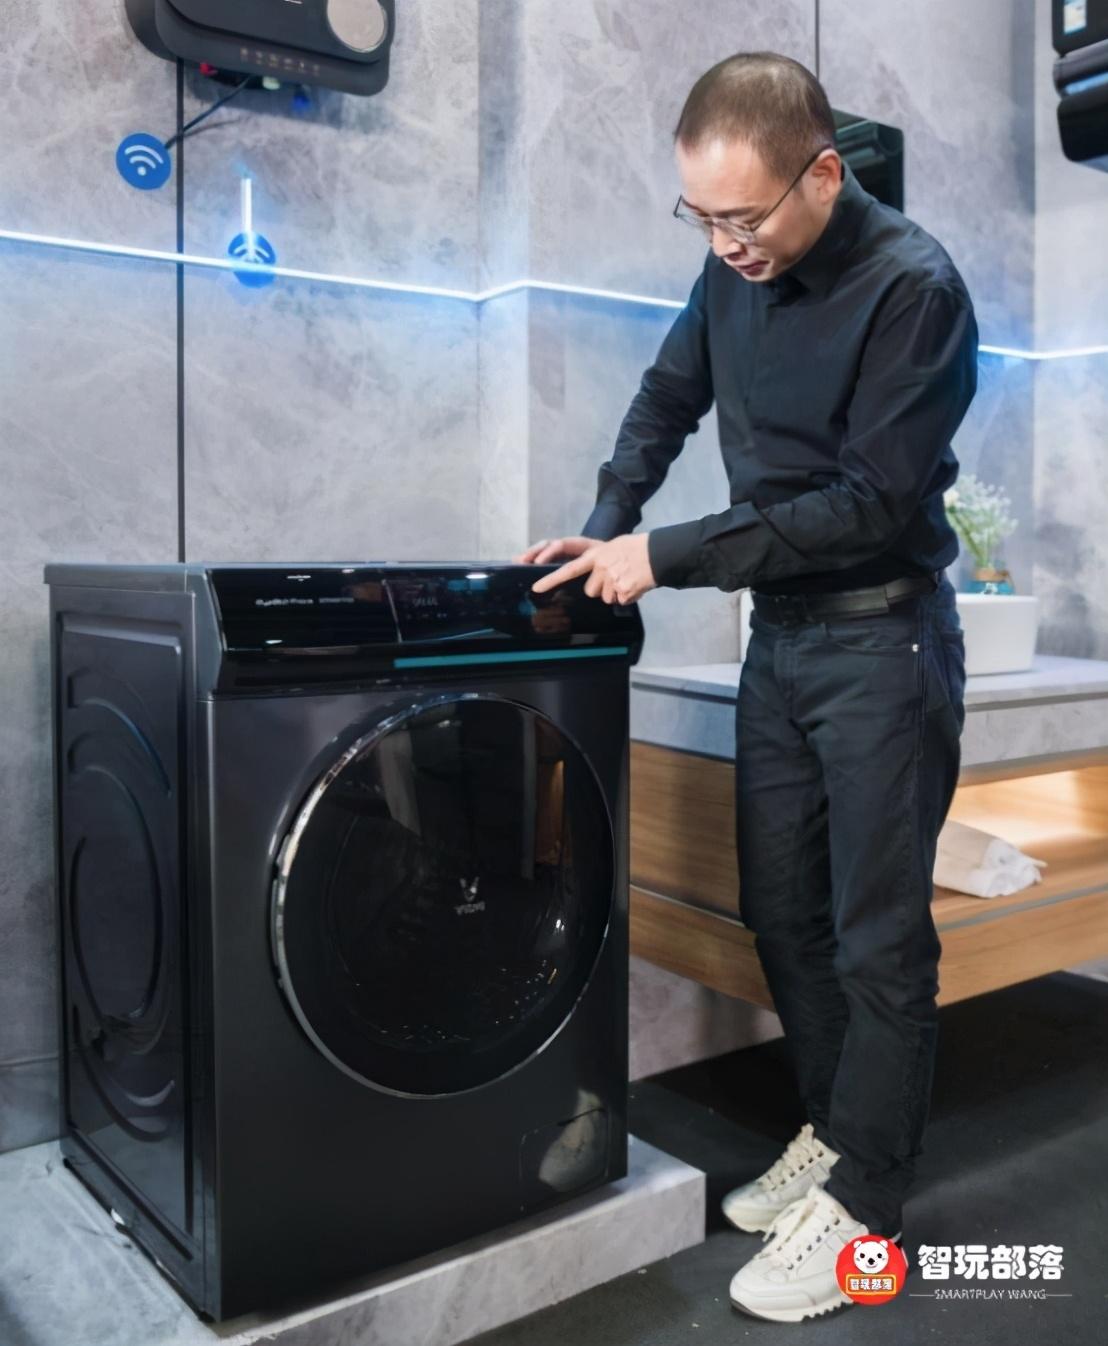 全球首台能刷抖音的大屏冰箱!云米发布多款5G IoT战略新品